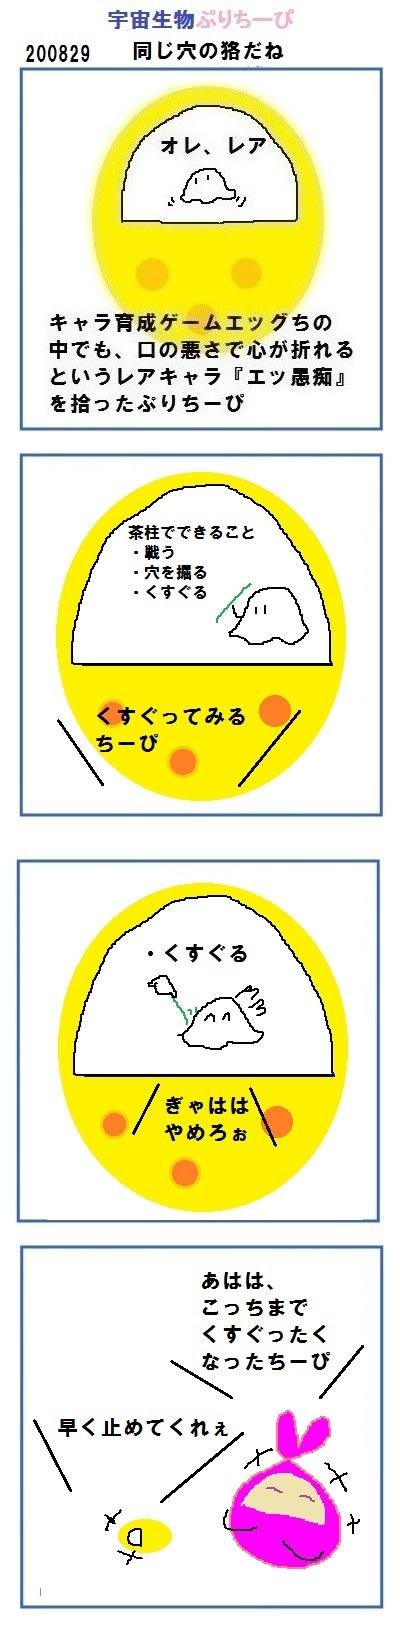 200829egg_pry.jpg